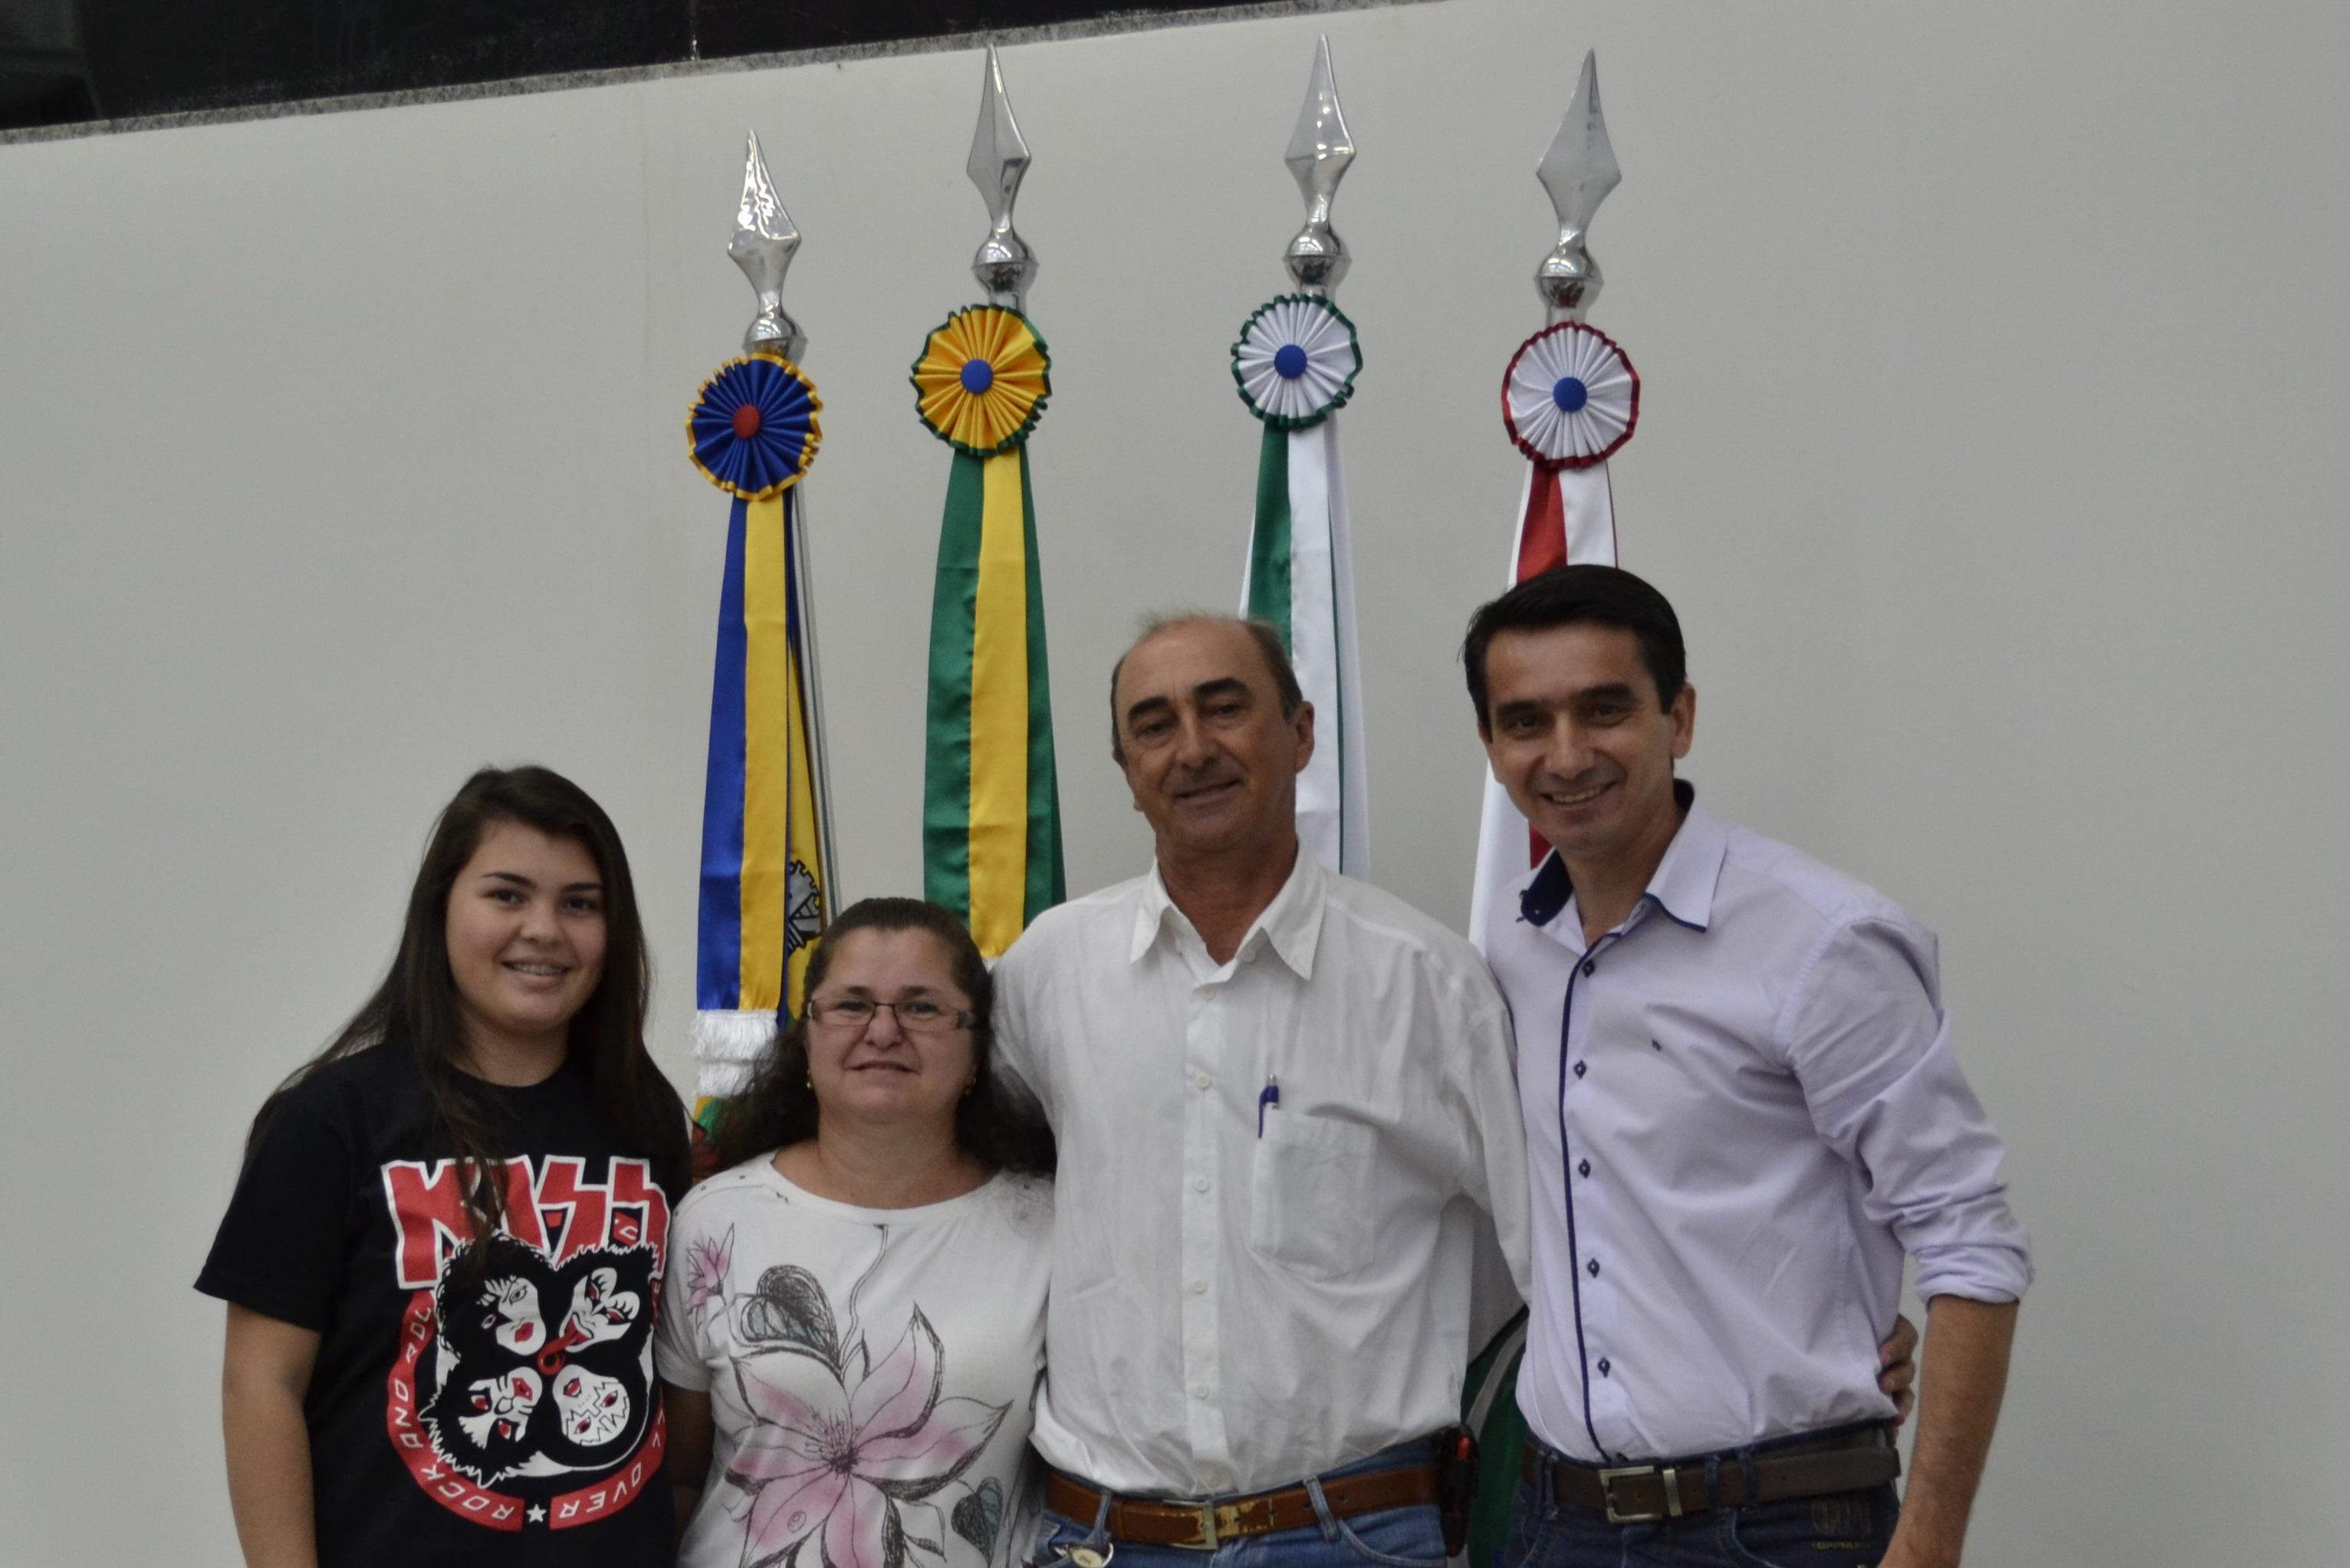 O presidente da comunidade São Luiz Antônio de Freitas, sua esposa Luzia de Freitas e a filha do casal Alessandra de Freitas